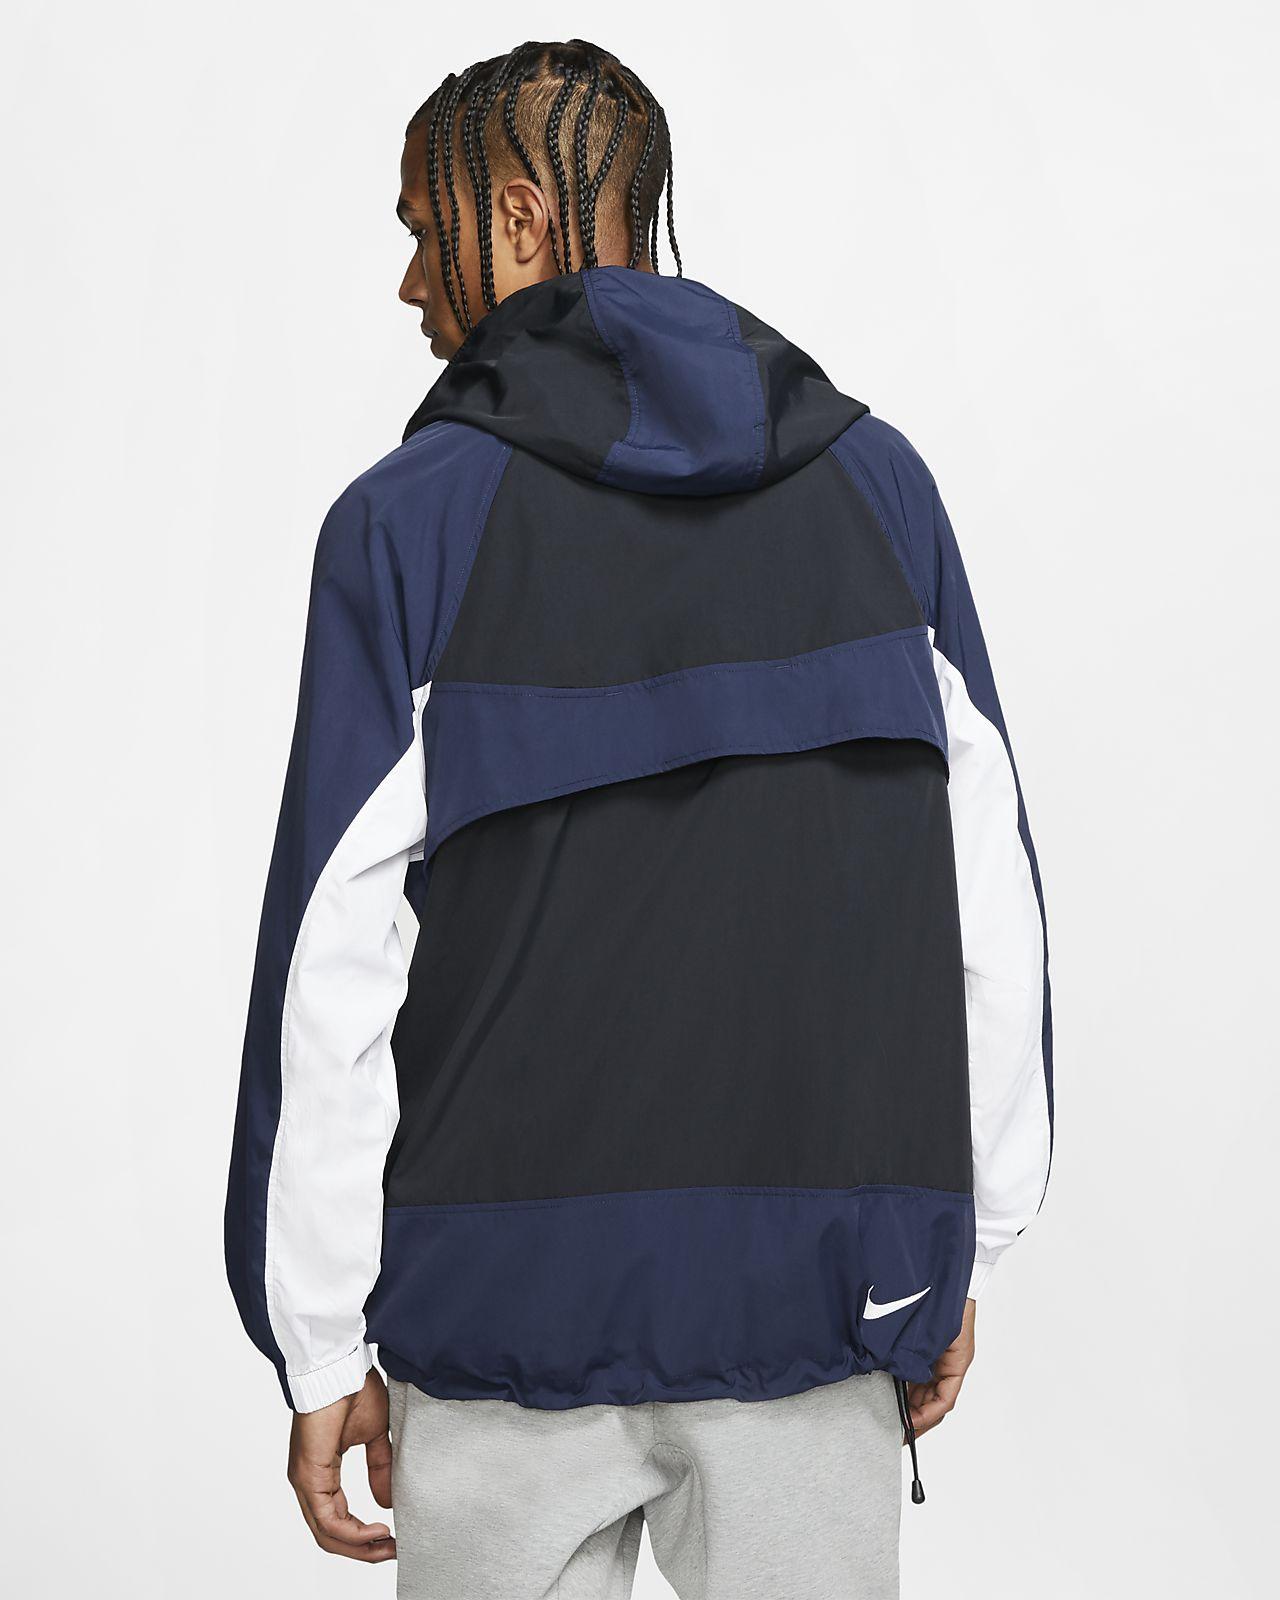 on sale 87d36 c9eb7 Giacca con cappuccio Nike Sportswear in tessuto woven